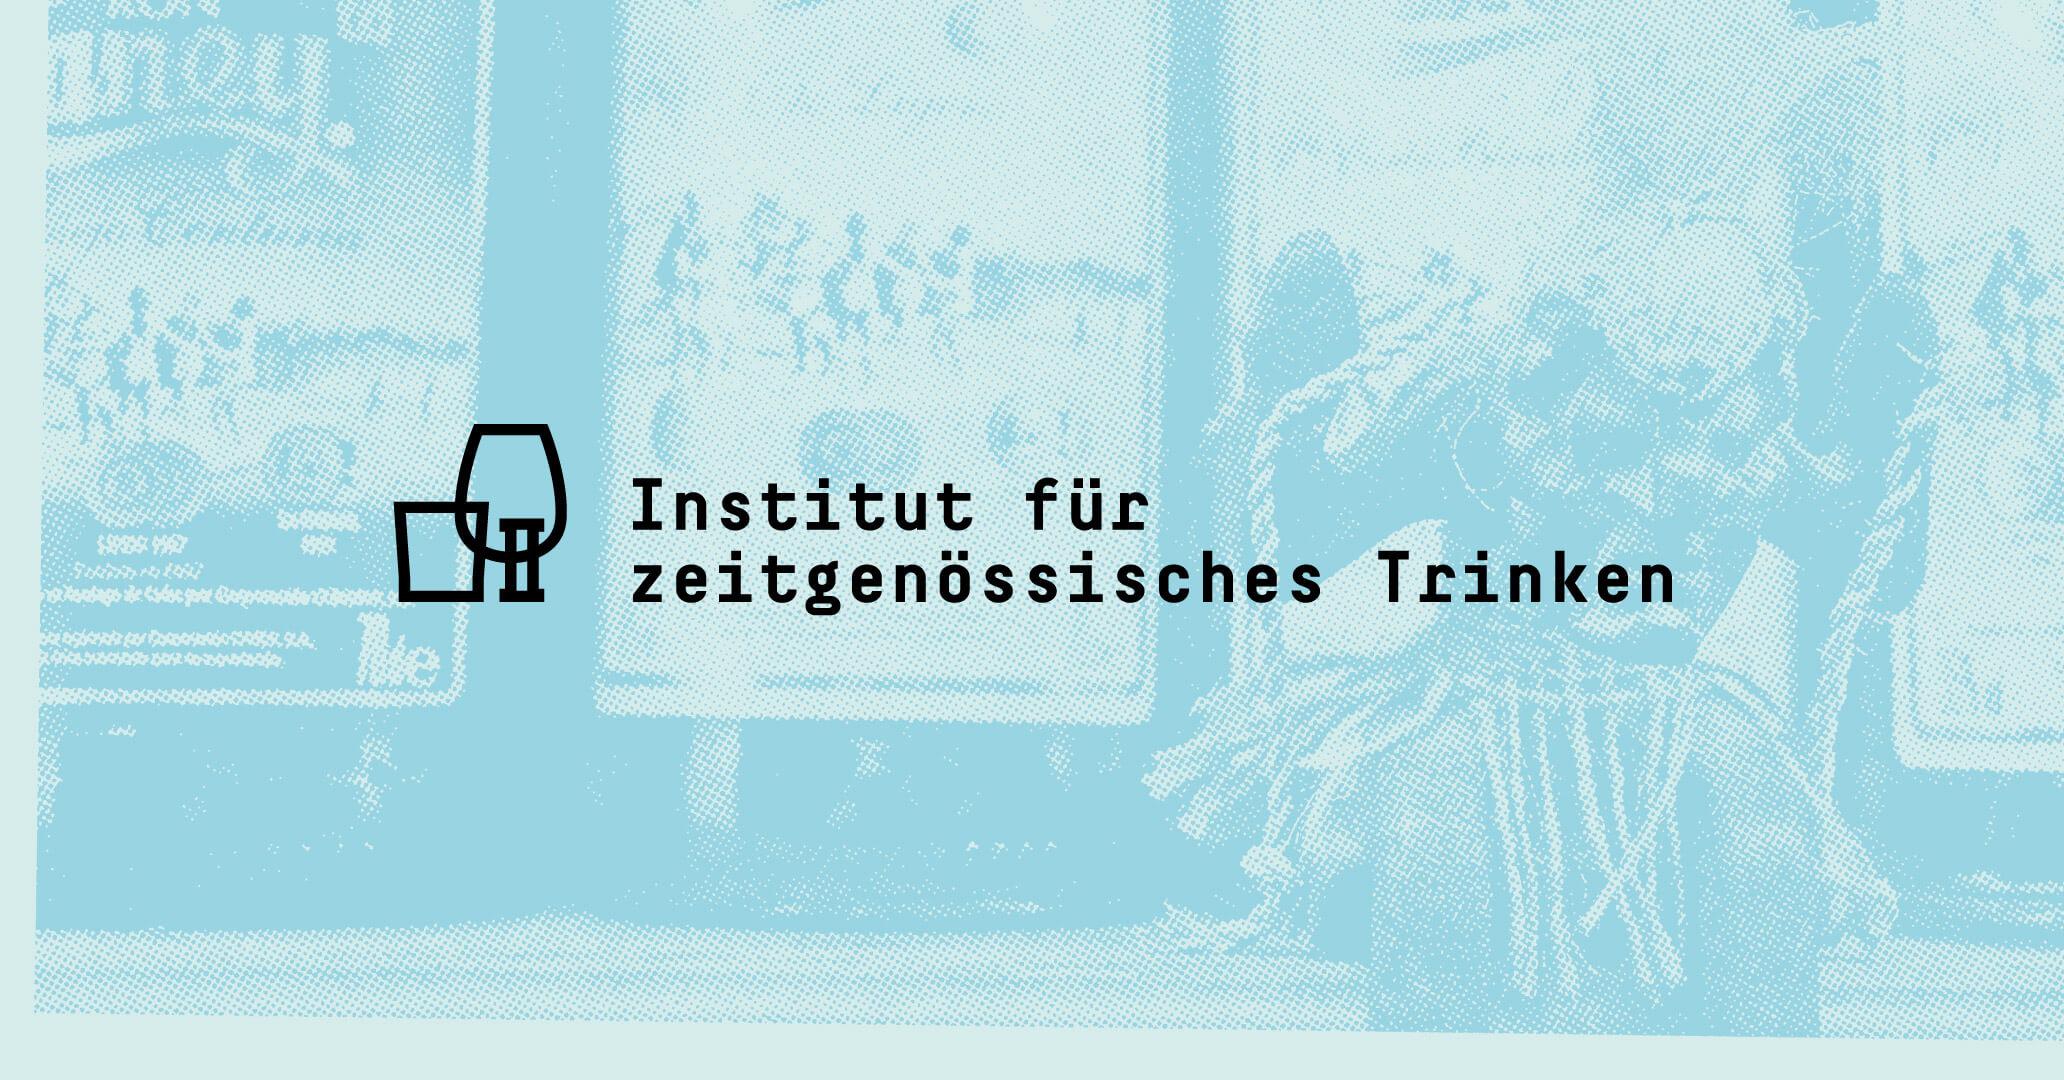 teamElgato News – Institut für zeitgenössisches Trinken